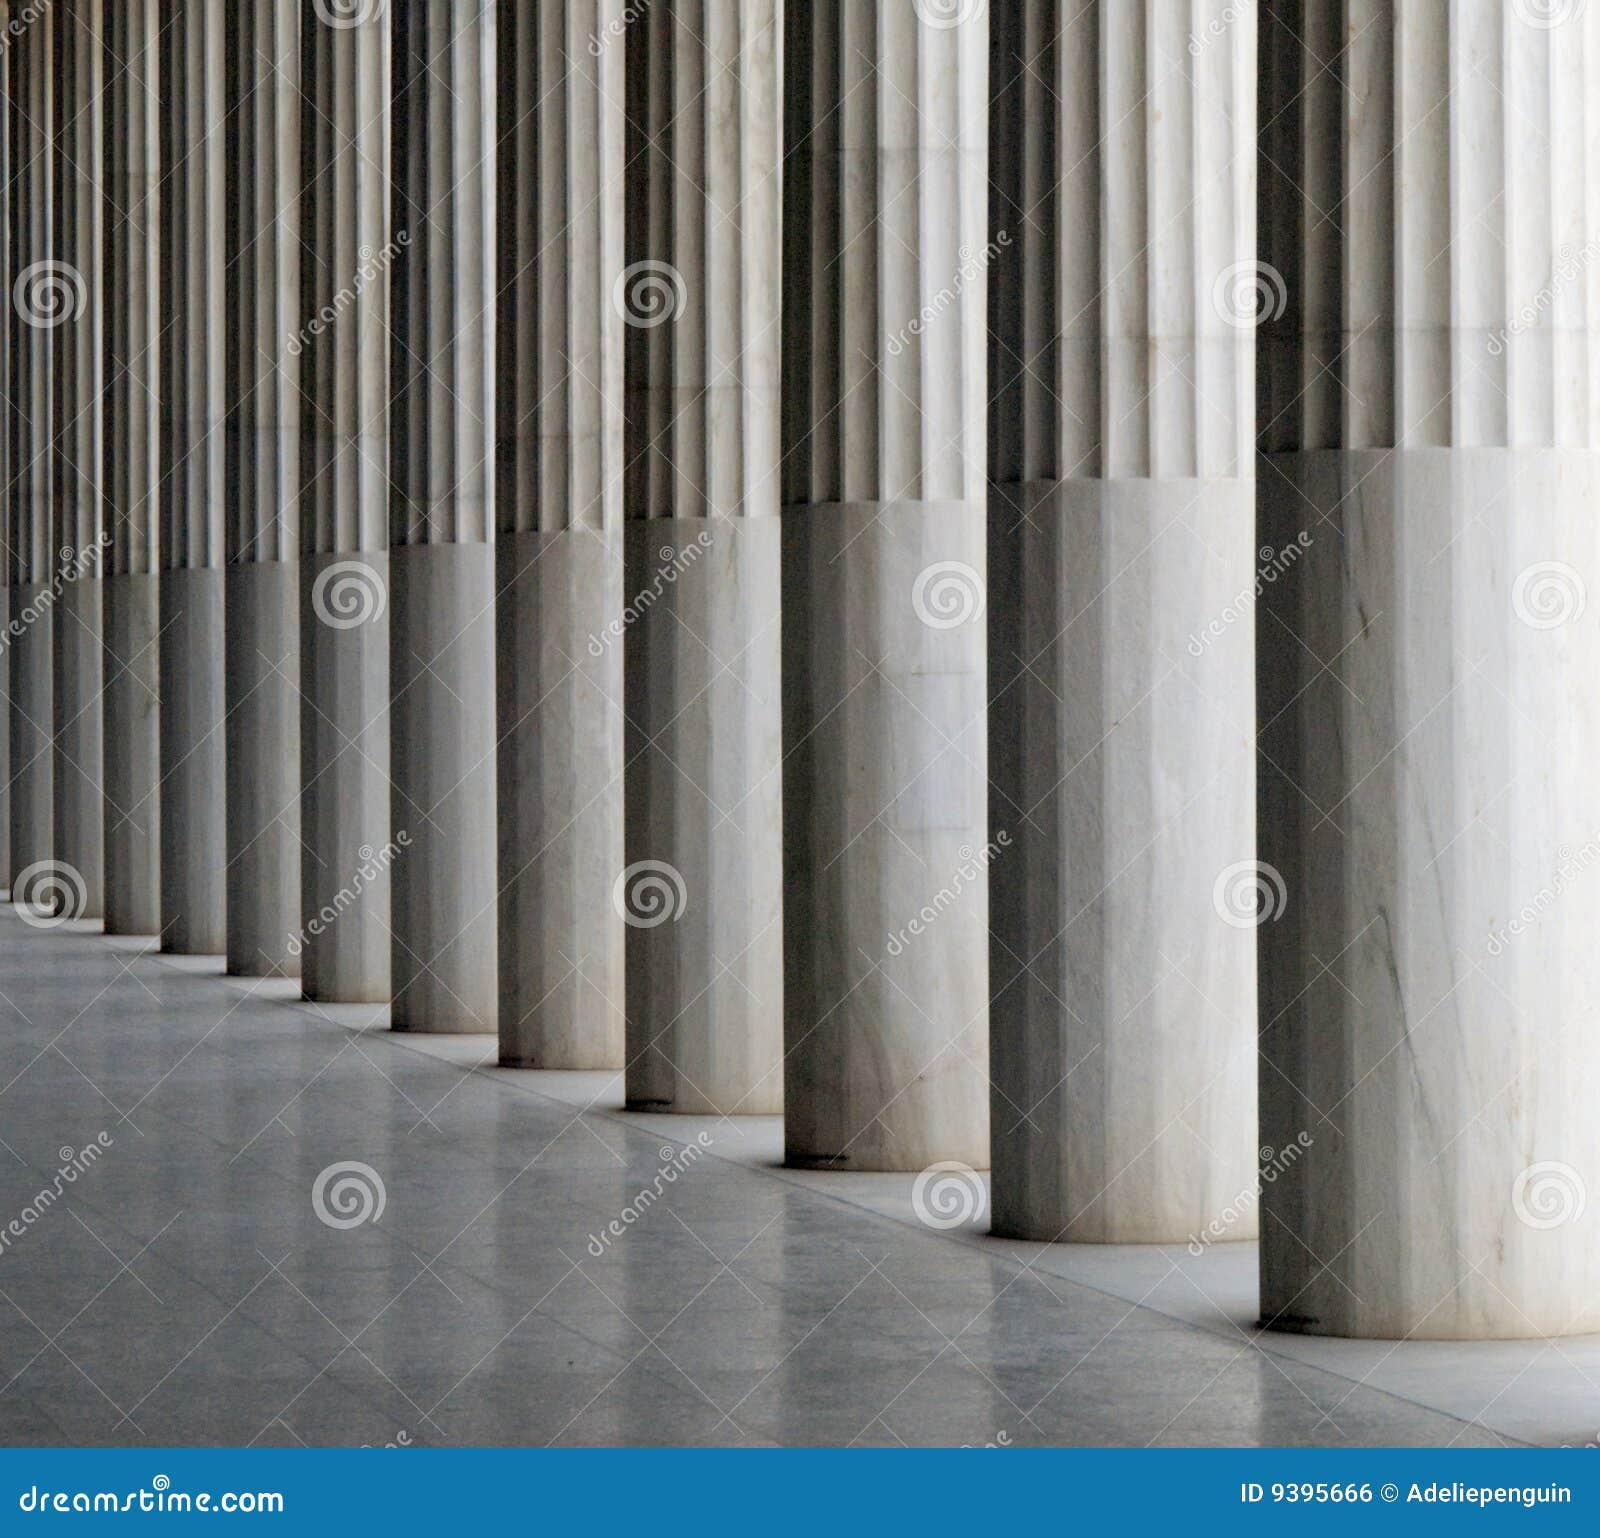 Greek Columns, Athens, Greece